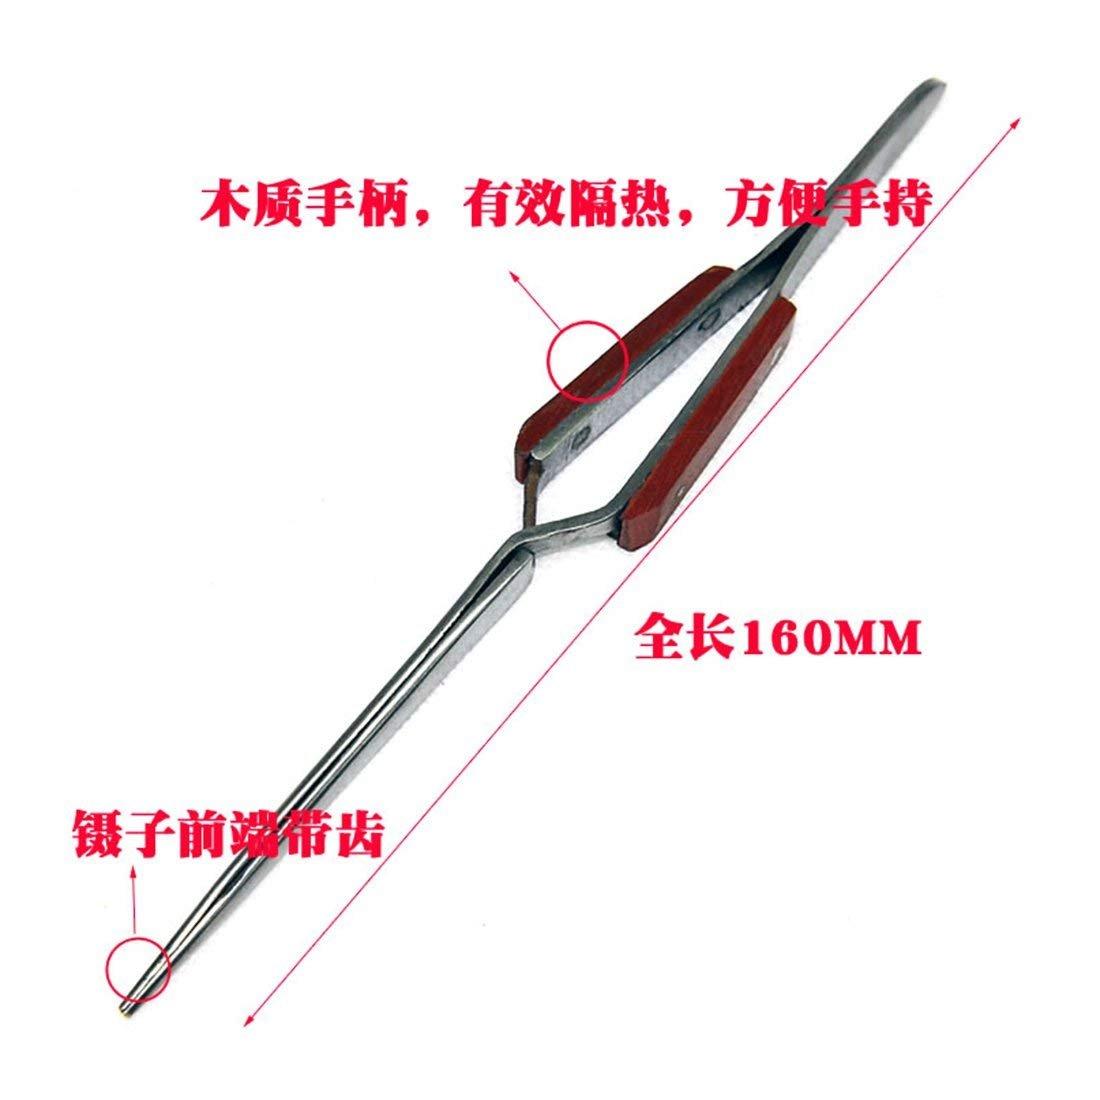 Pro'sKit 1PK-118T Heavy Duty Tweezer (165mm) Wooden Handle Stainless Steel Fine-tipped Forceps Rebound